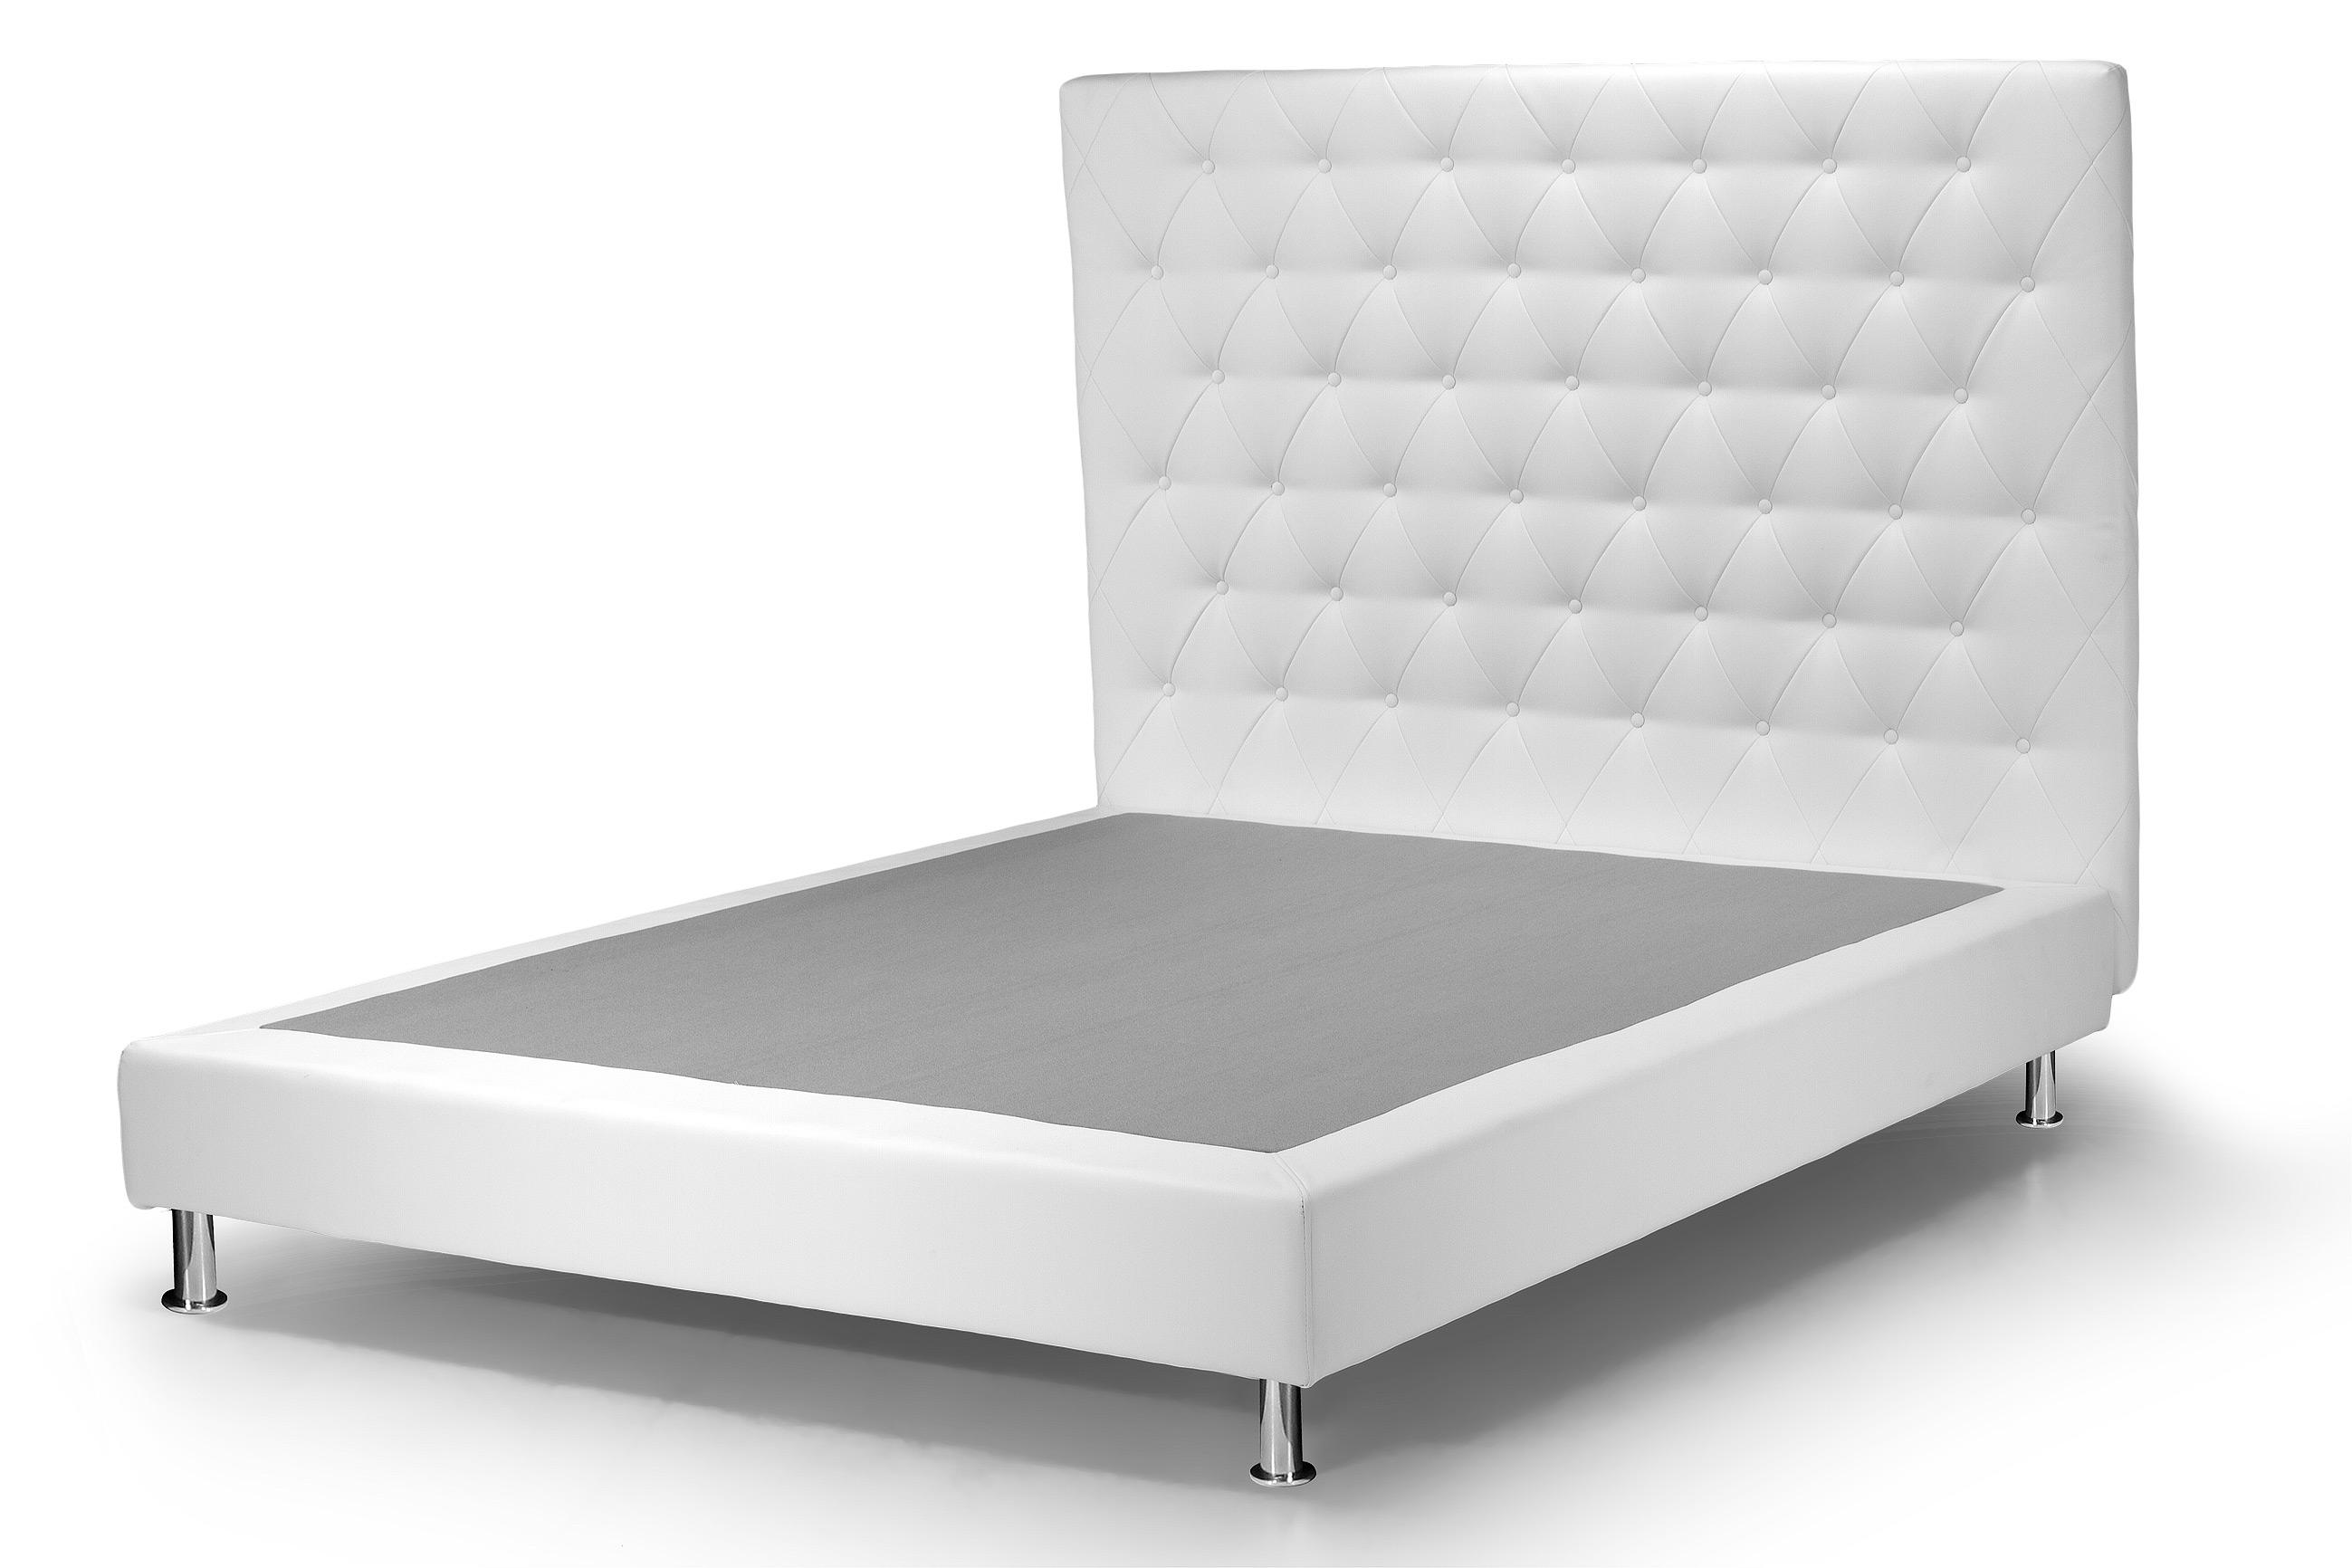 Testiera per letto singolo lusso raffaello h 94 106 cm - Testiera letto ecopelle ...